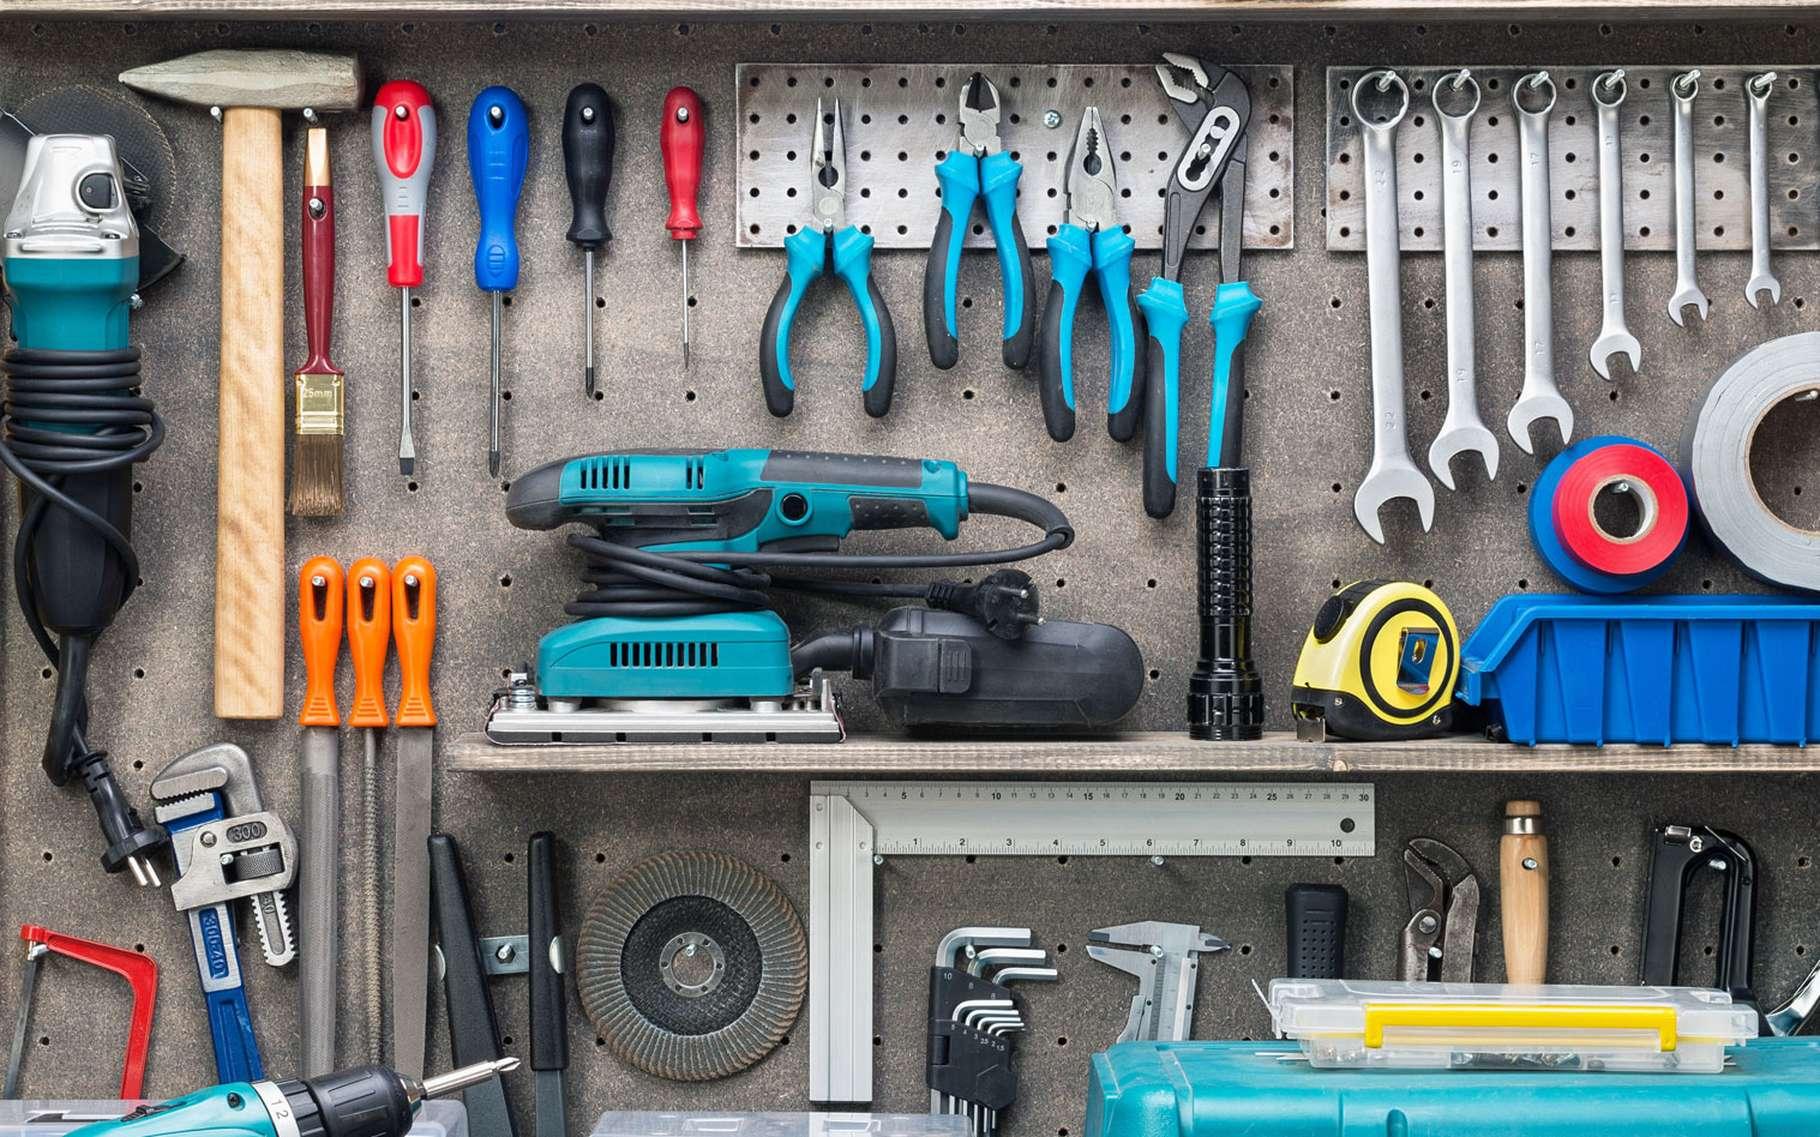 Magasin d'équipement d'outils électroportatifs